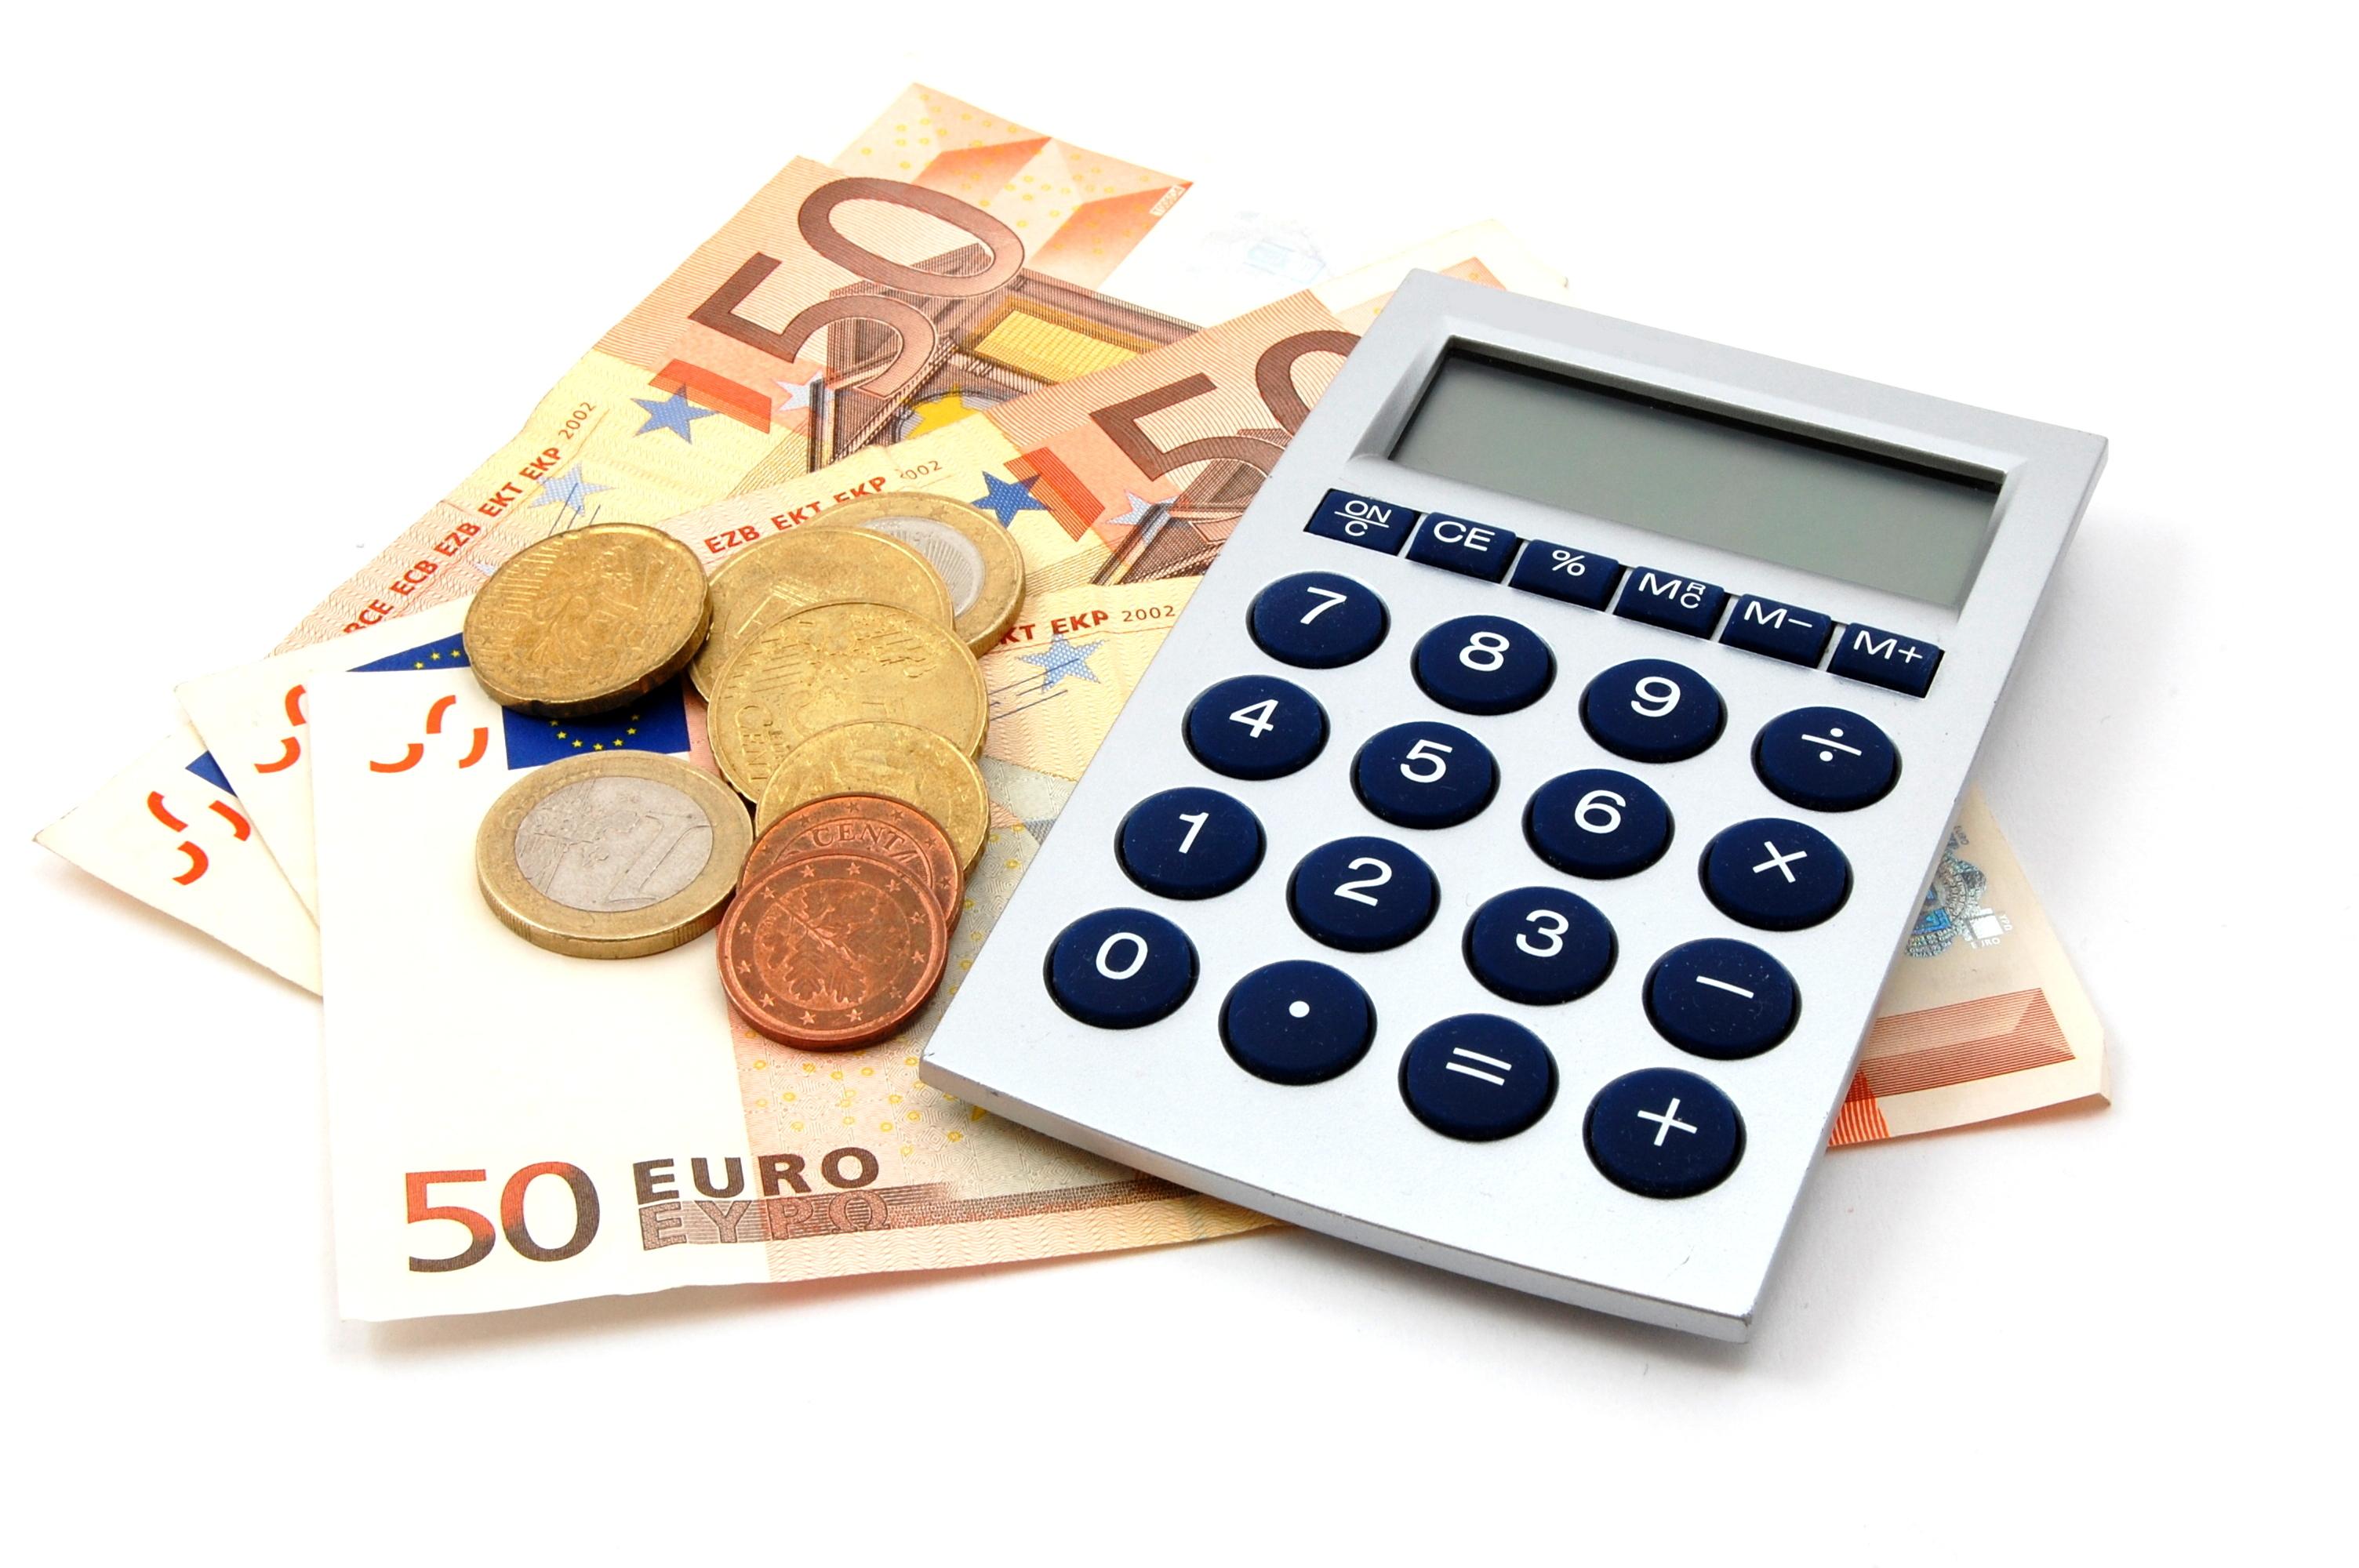 Στα 4,79 δισ. ευρώ ανήλθαν οι ληξιπρόθεσμες οφειλές στο 9μηνο | tovima.gr